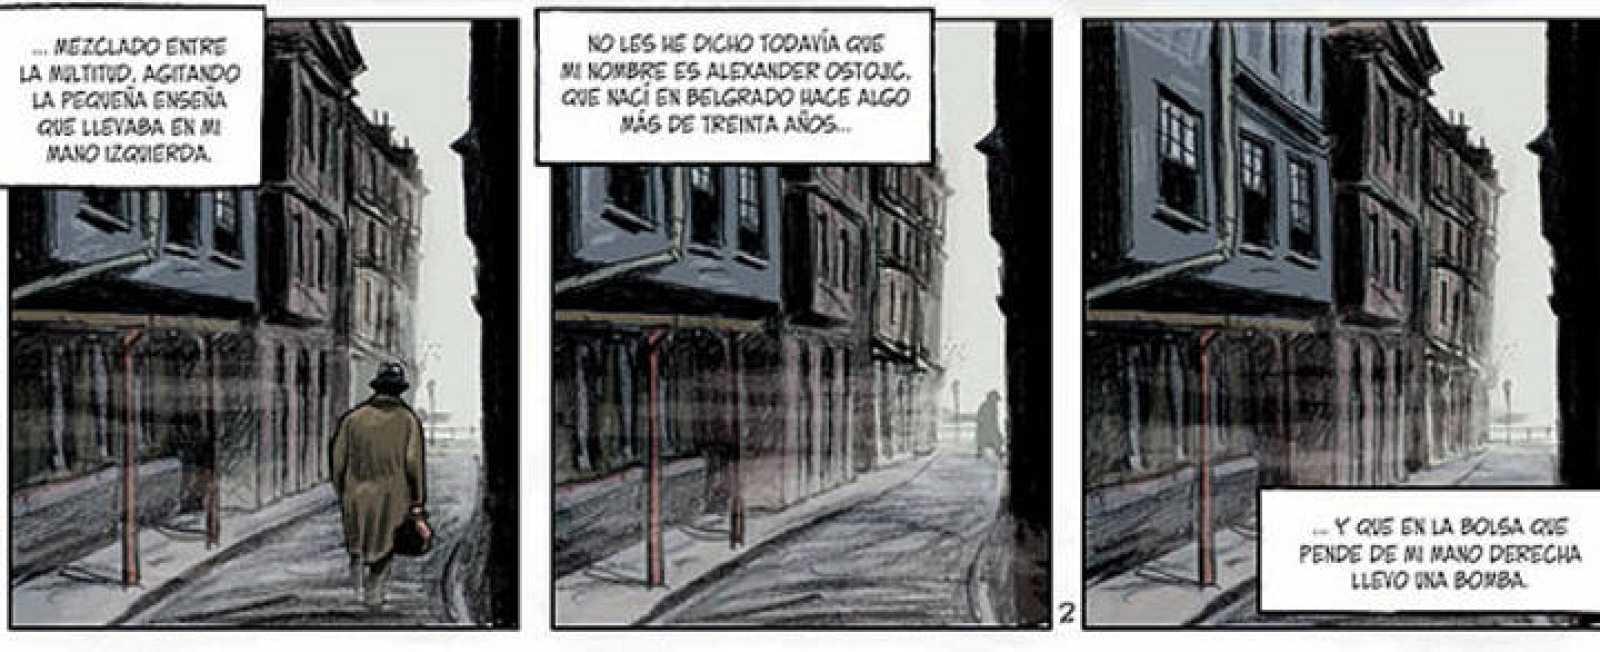 Viñetas de 'Hágase el caos. Lux', de Felipe Hernández Cava y Bartolomé Seguí